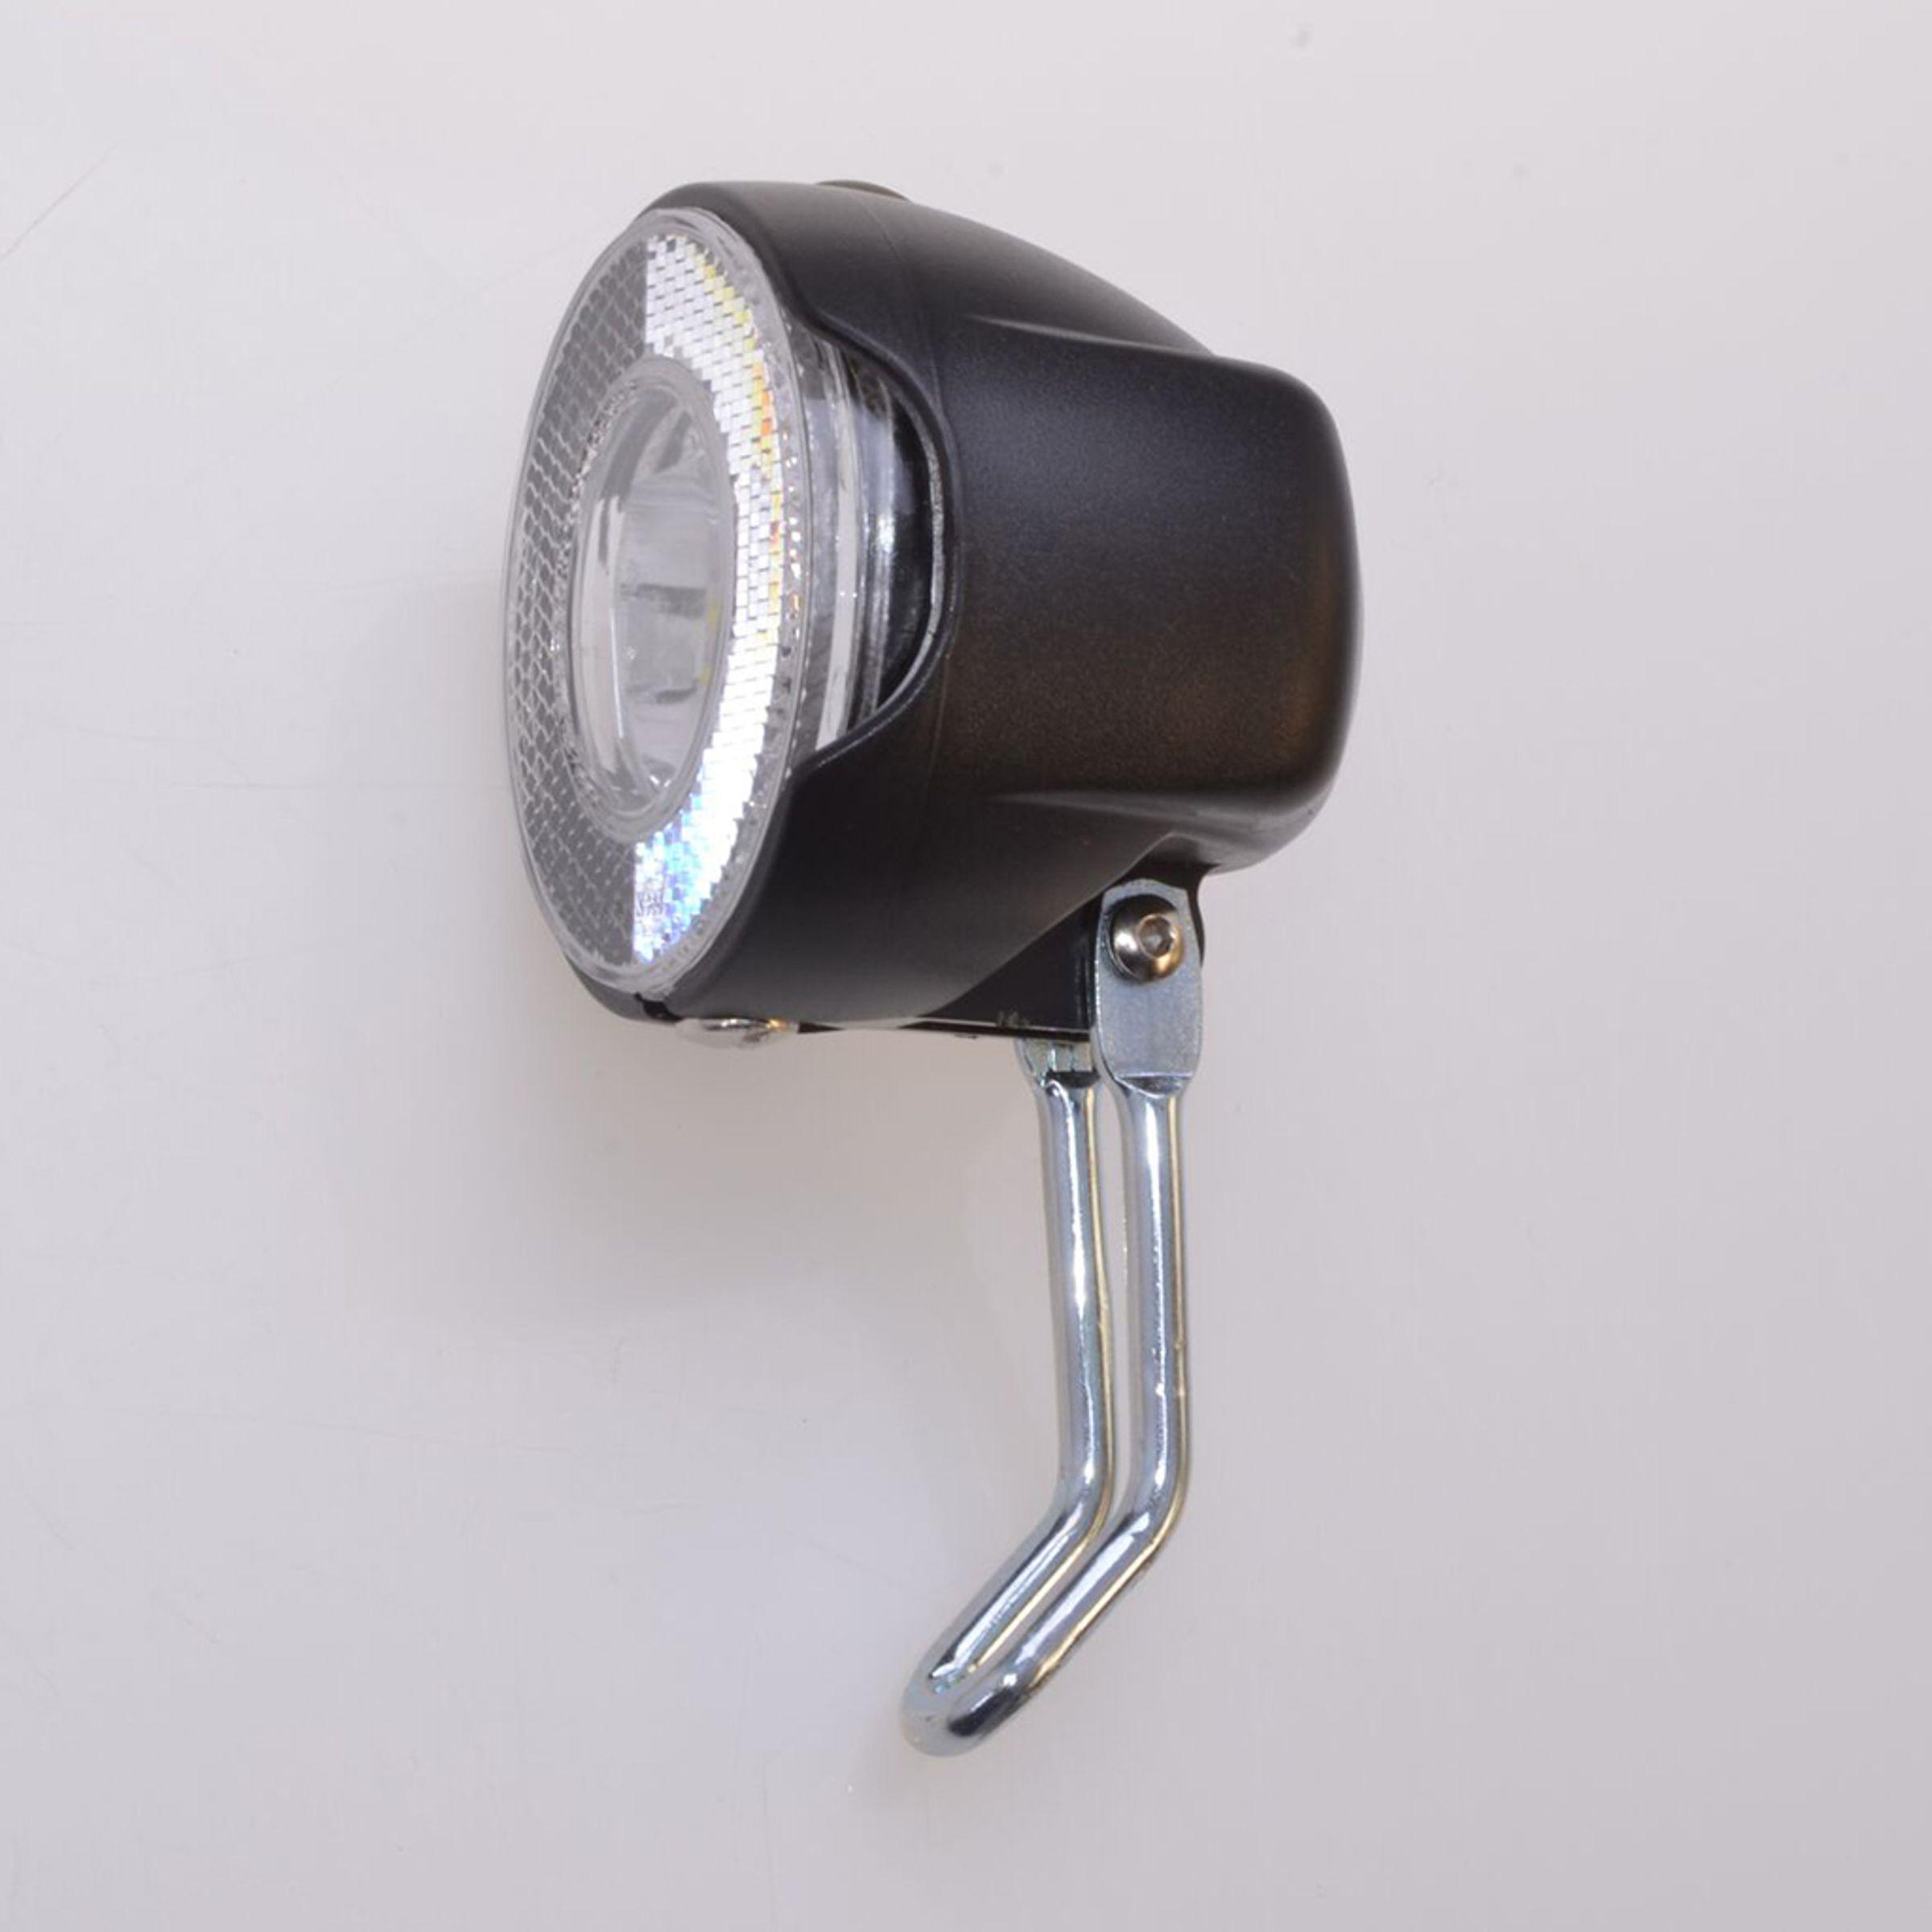 led fahrrad frontlicht scheinwerfer fahrradlicht lampe. Black Bedroom Furniture Sets. Home Design Ideas